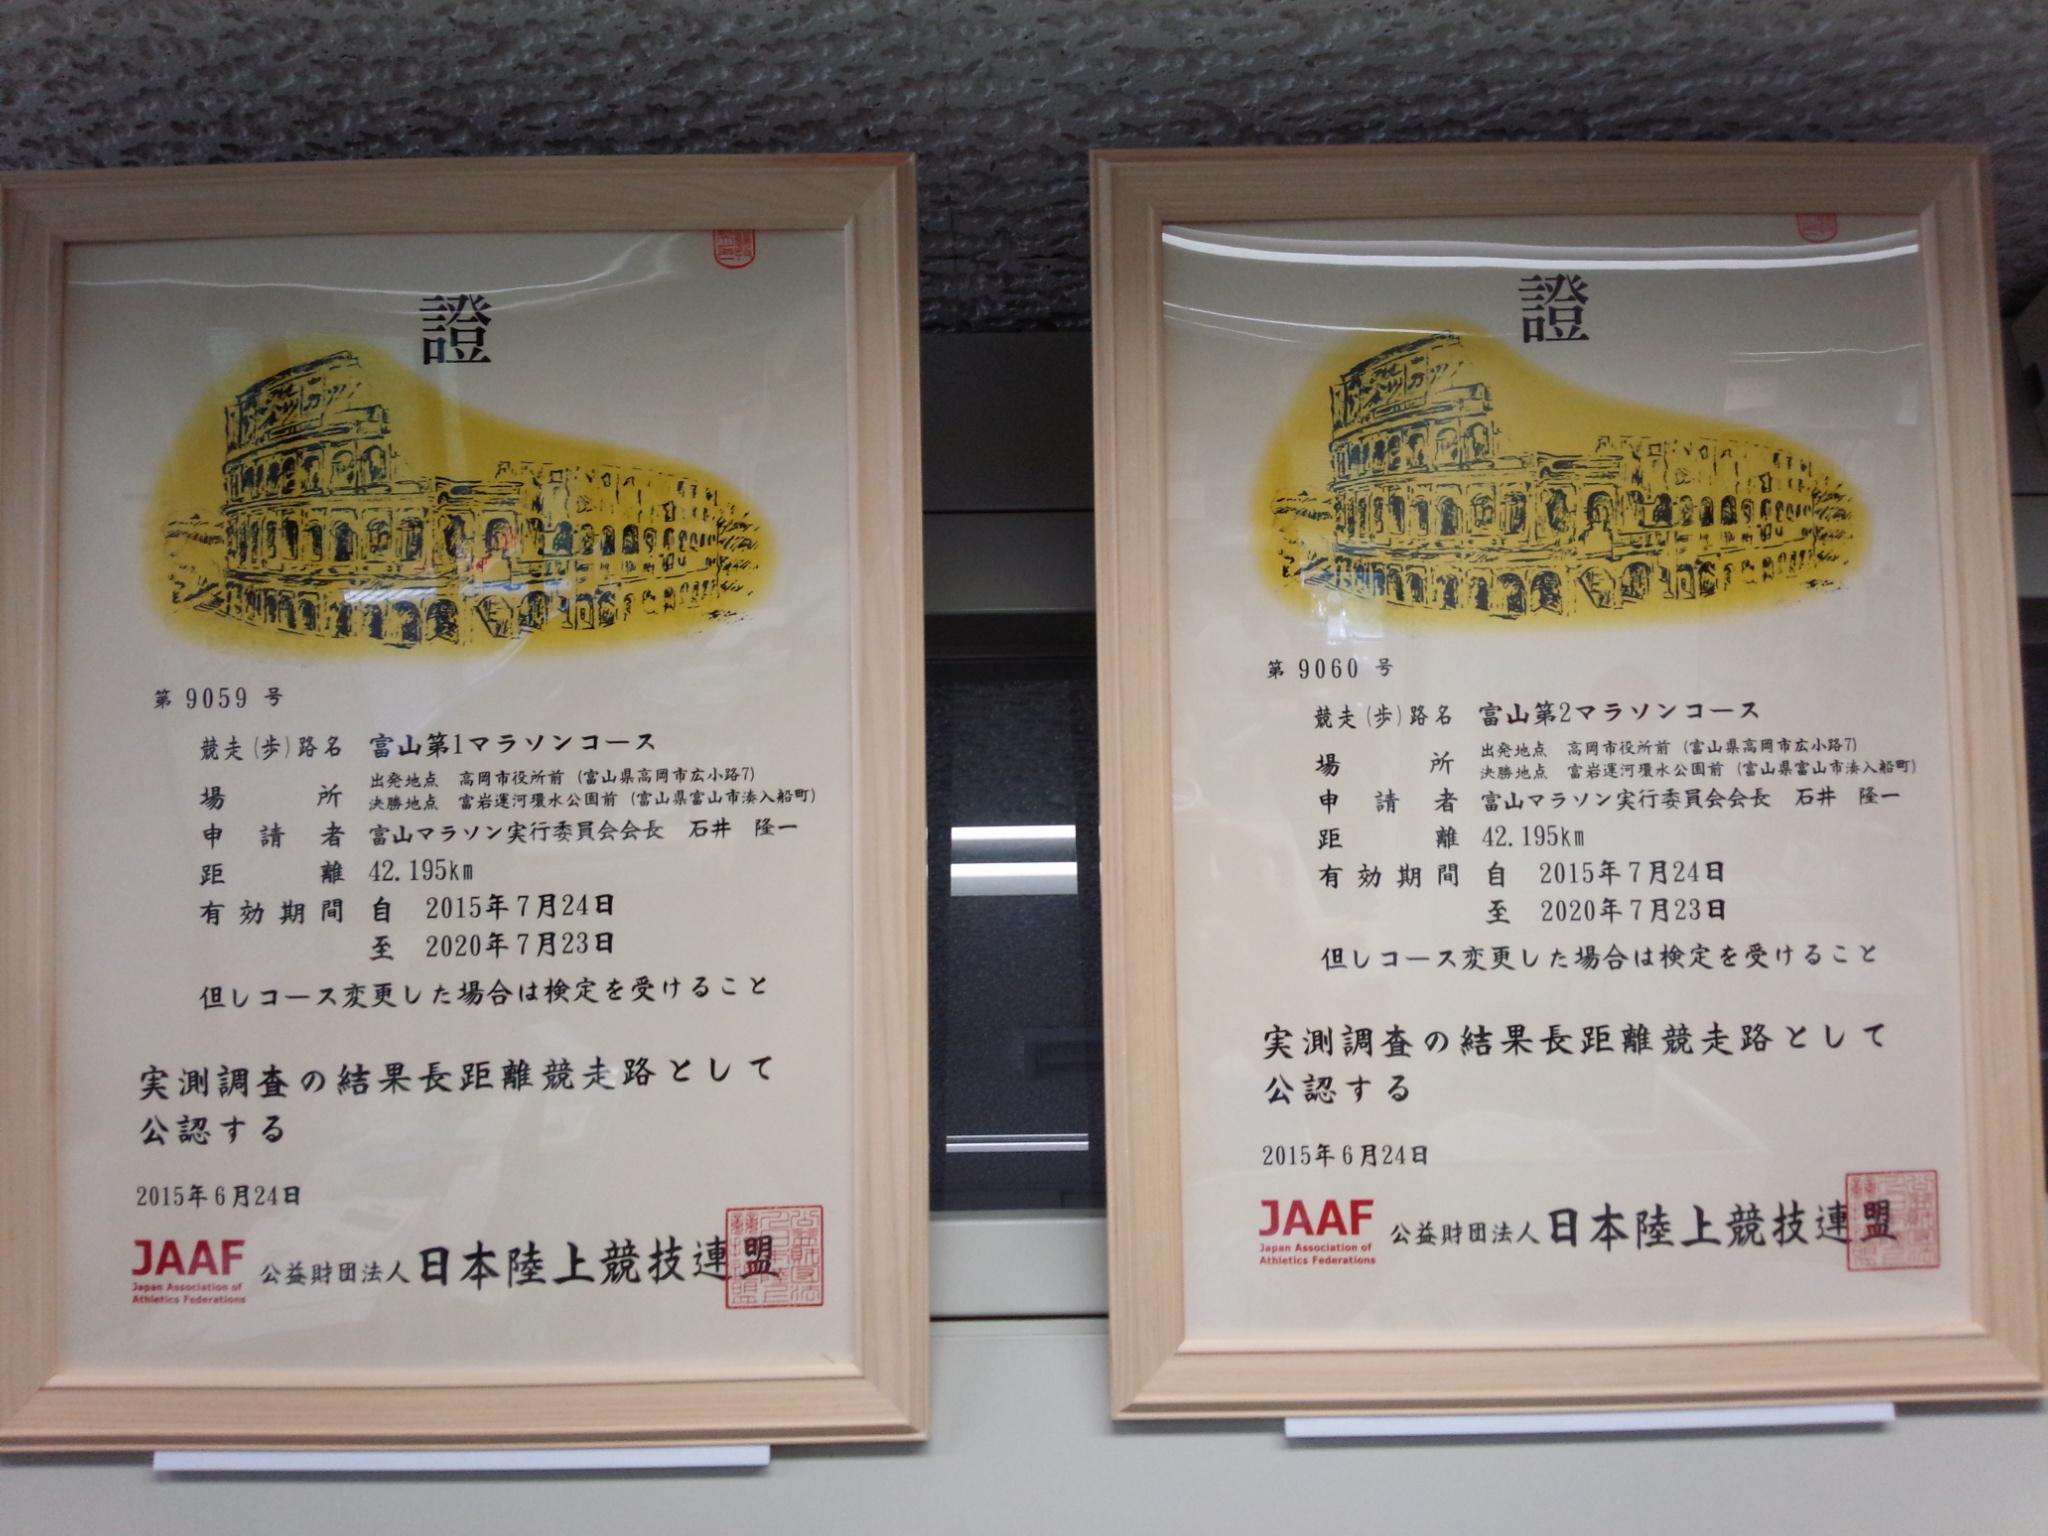 日本陸連公認コース認定証が届き...